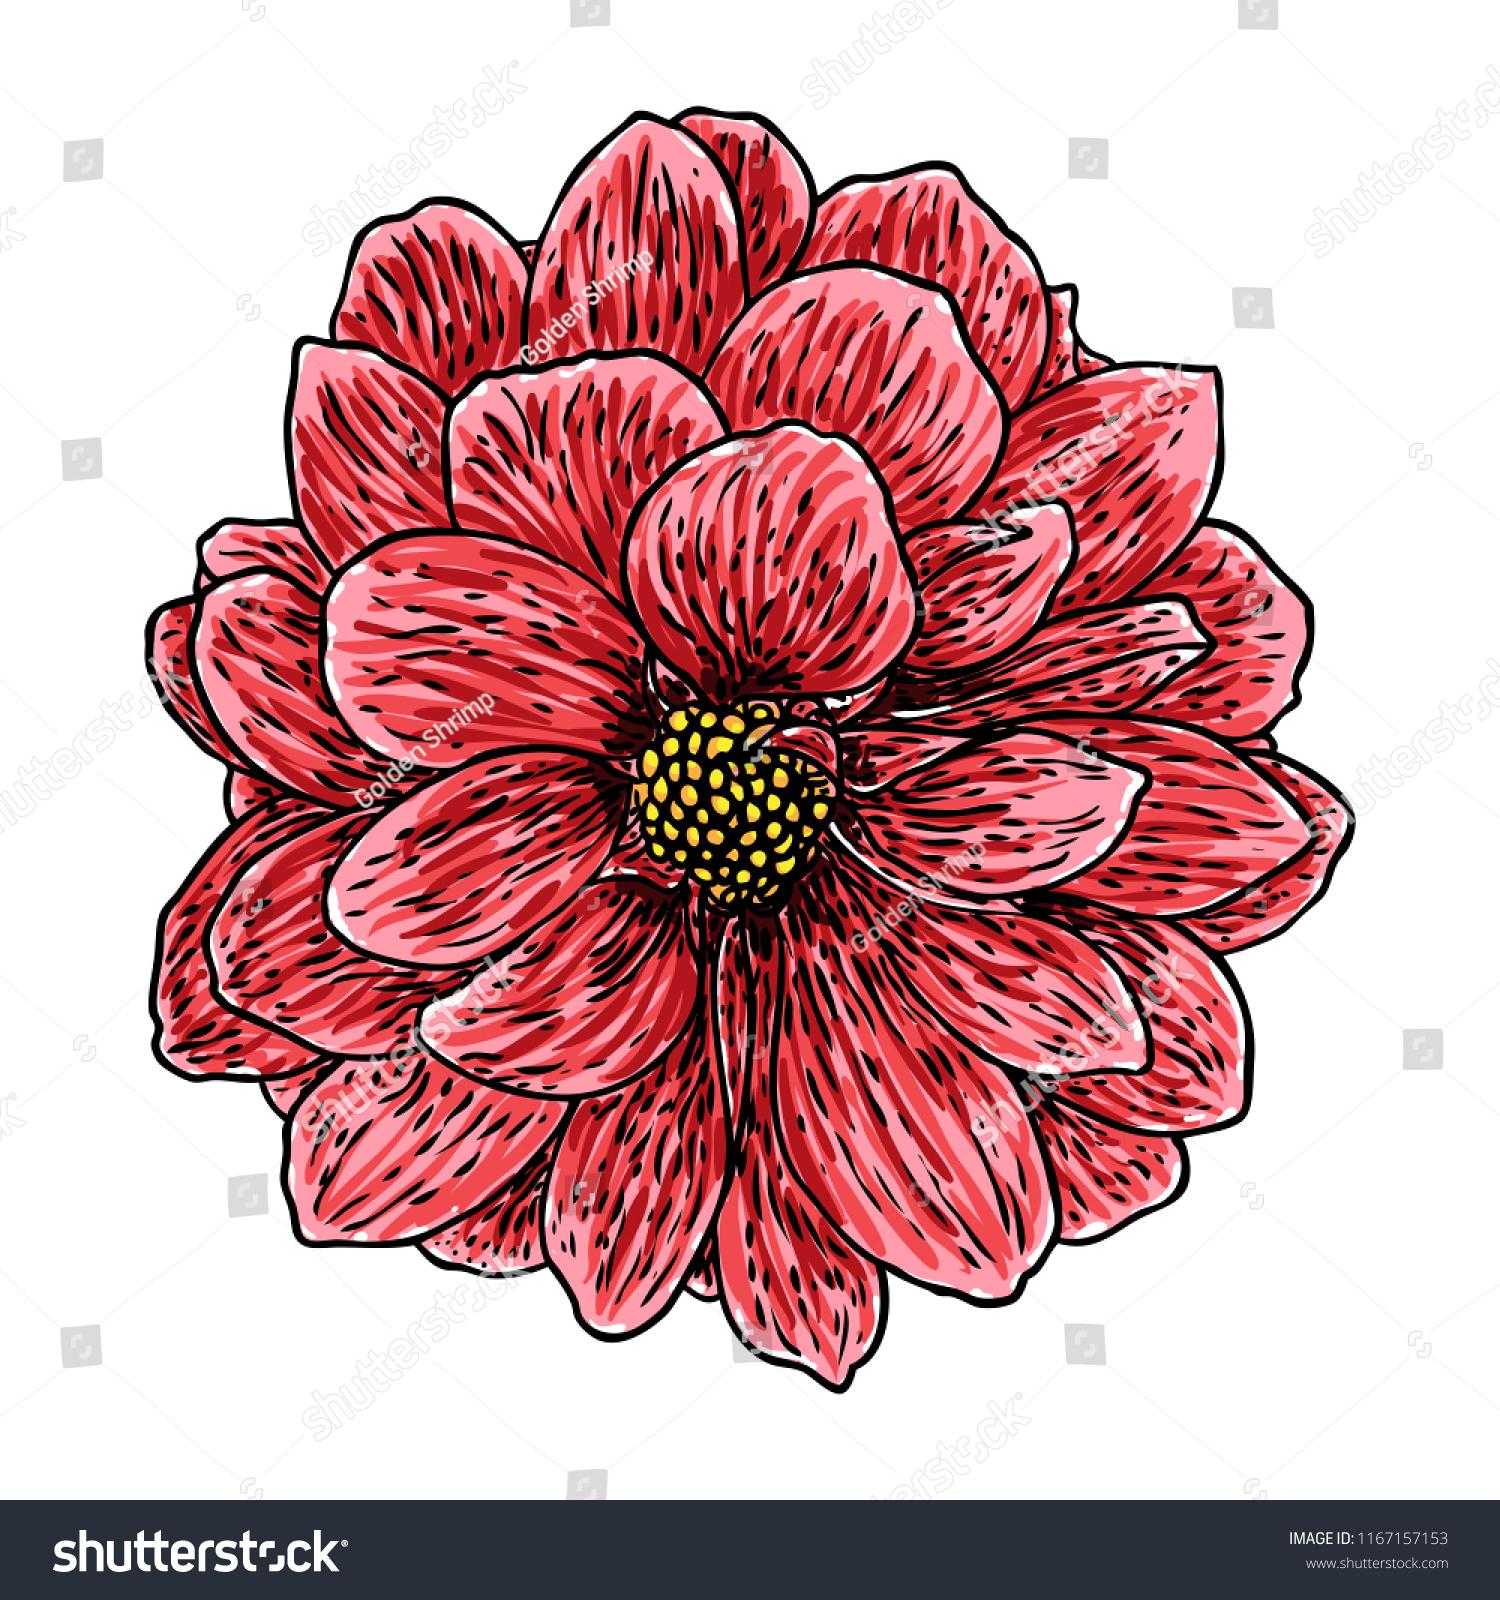 Dahlia flower botanical black color ink stock vector royalty free dahlia flower botanical black and color ink vintage illustration summer design elements related izmirmasajfo